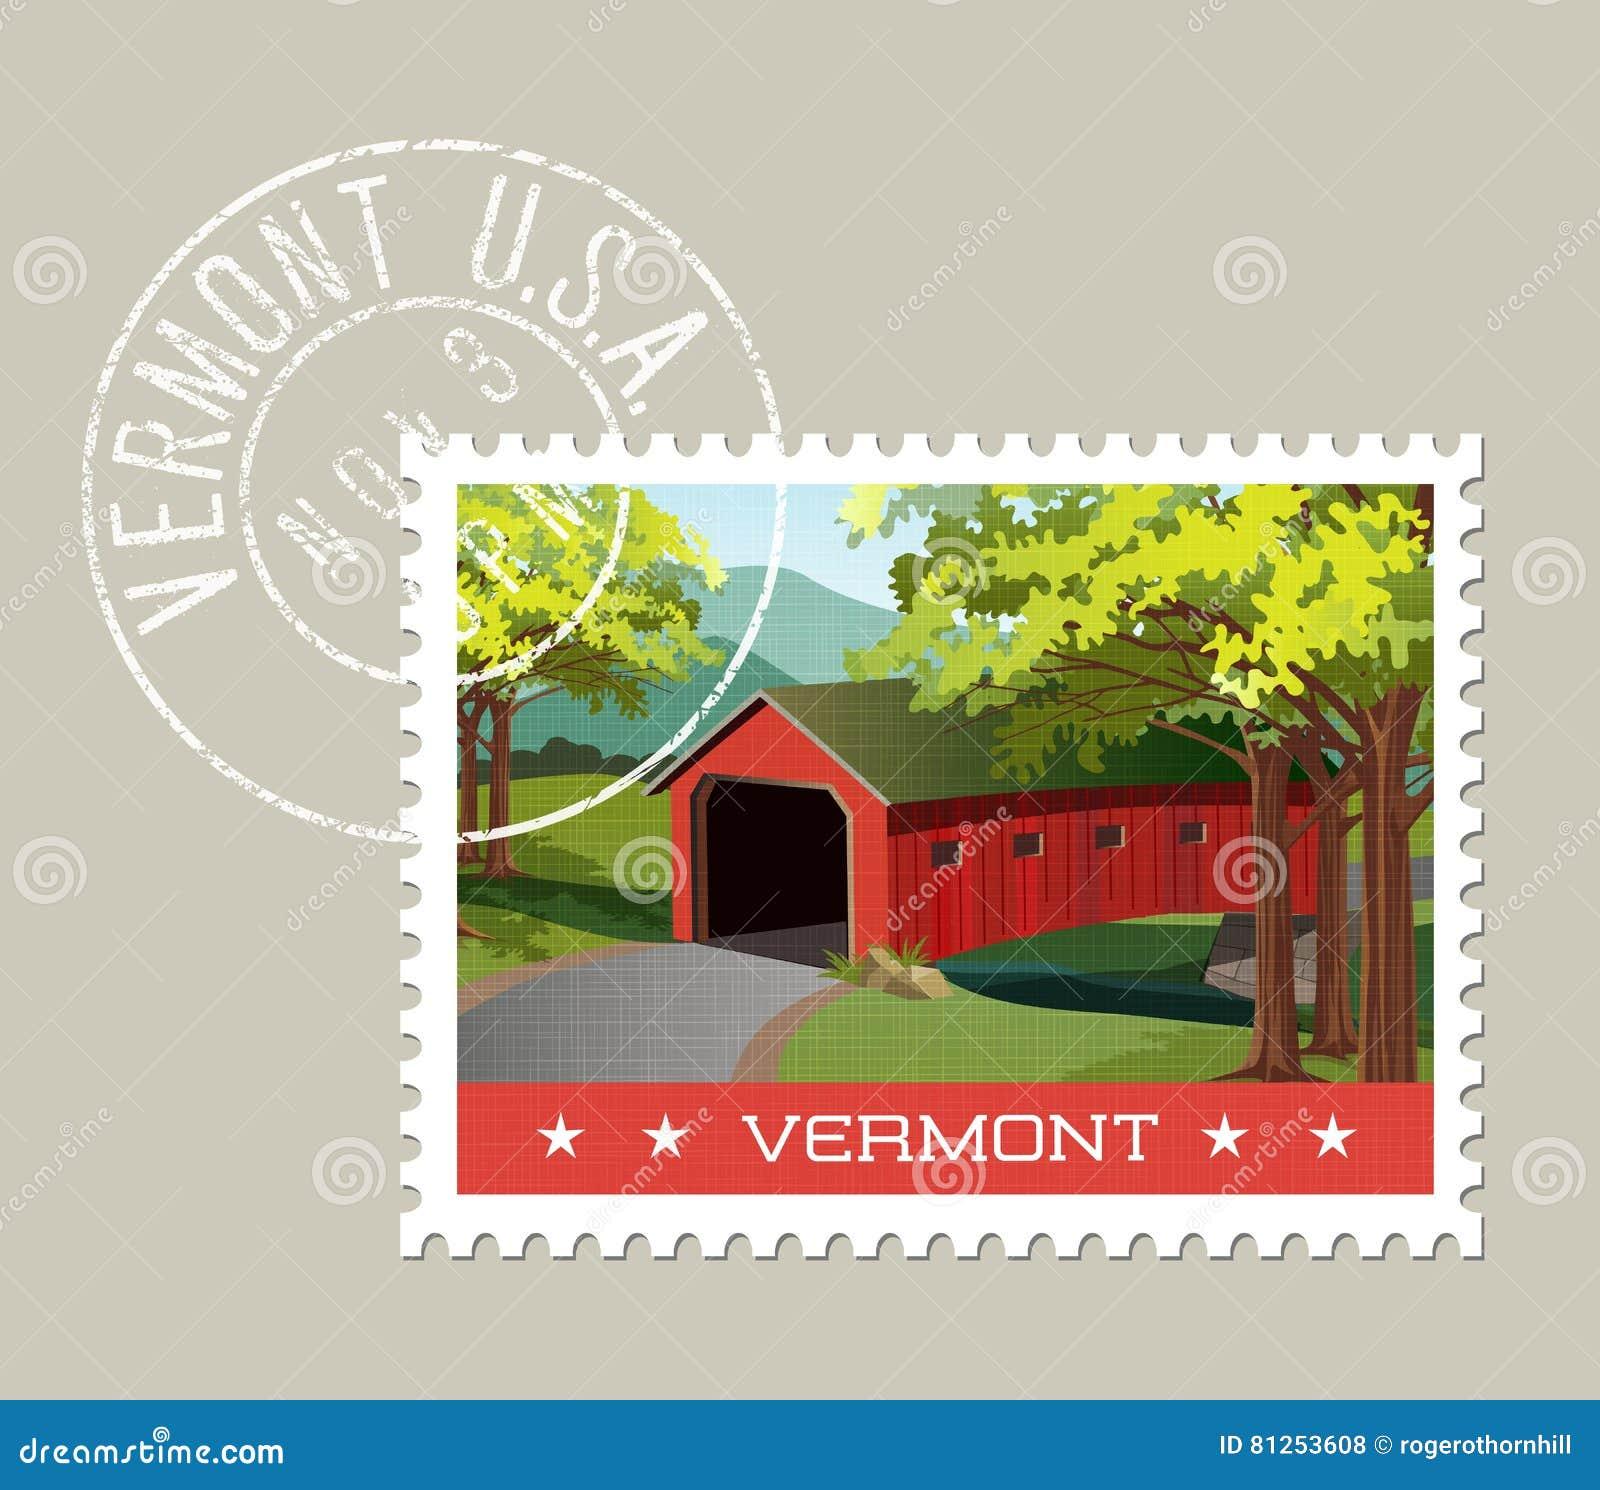 Ilustracja sceniczny zakrywający most nad strumieniem, Vermont